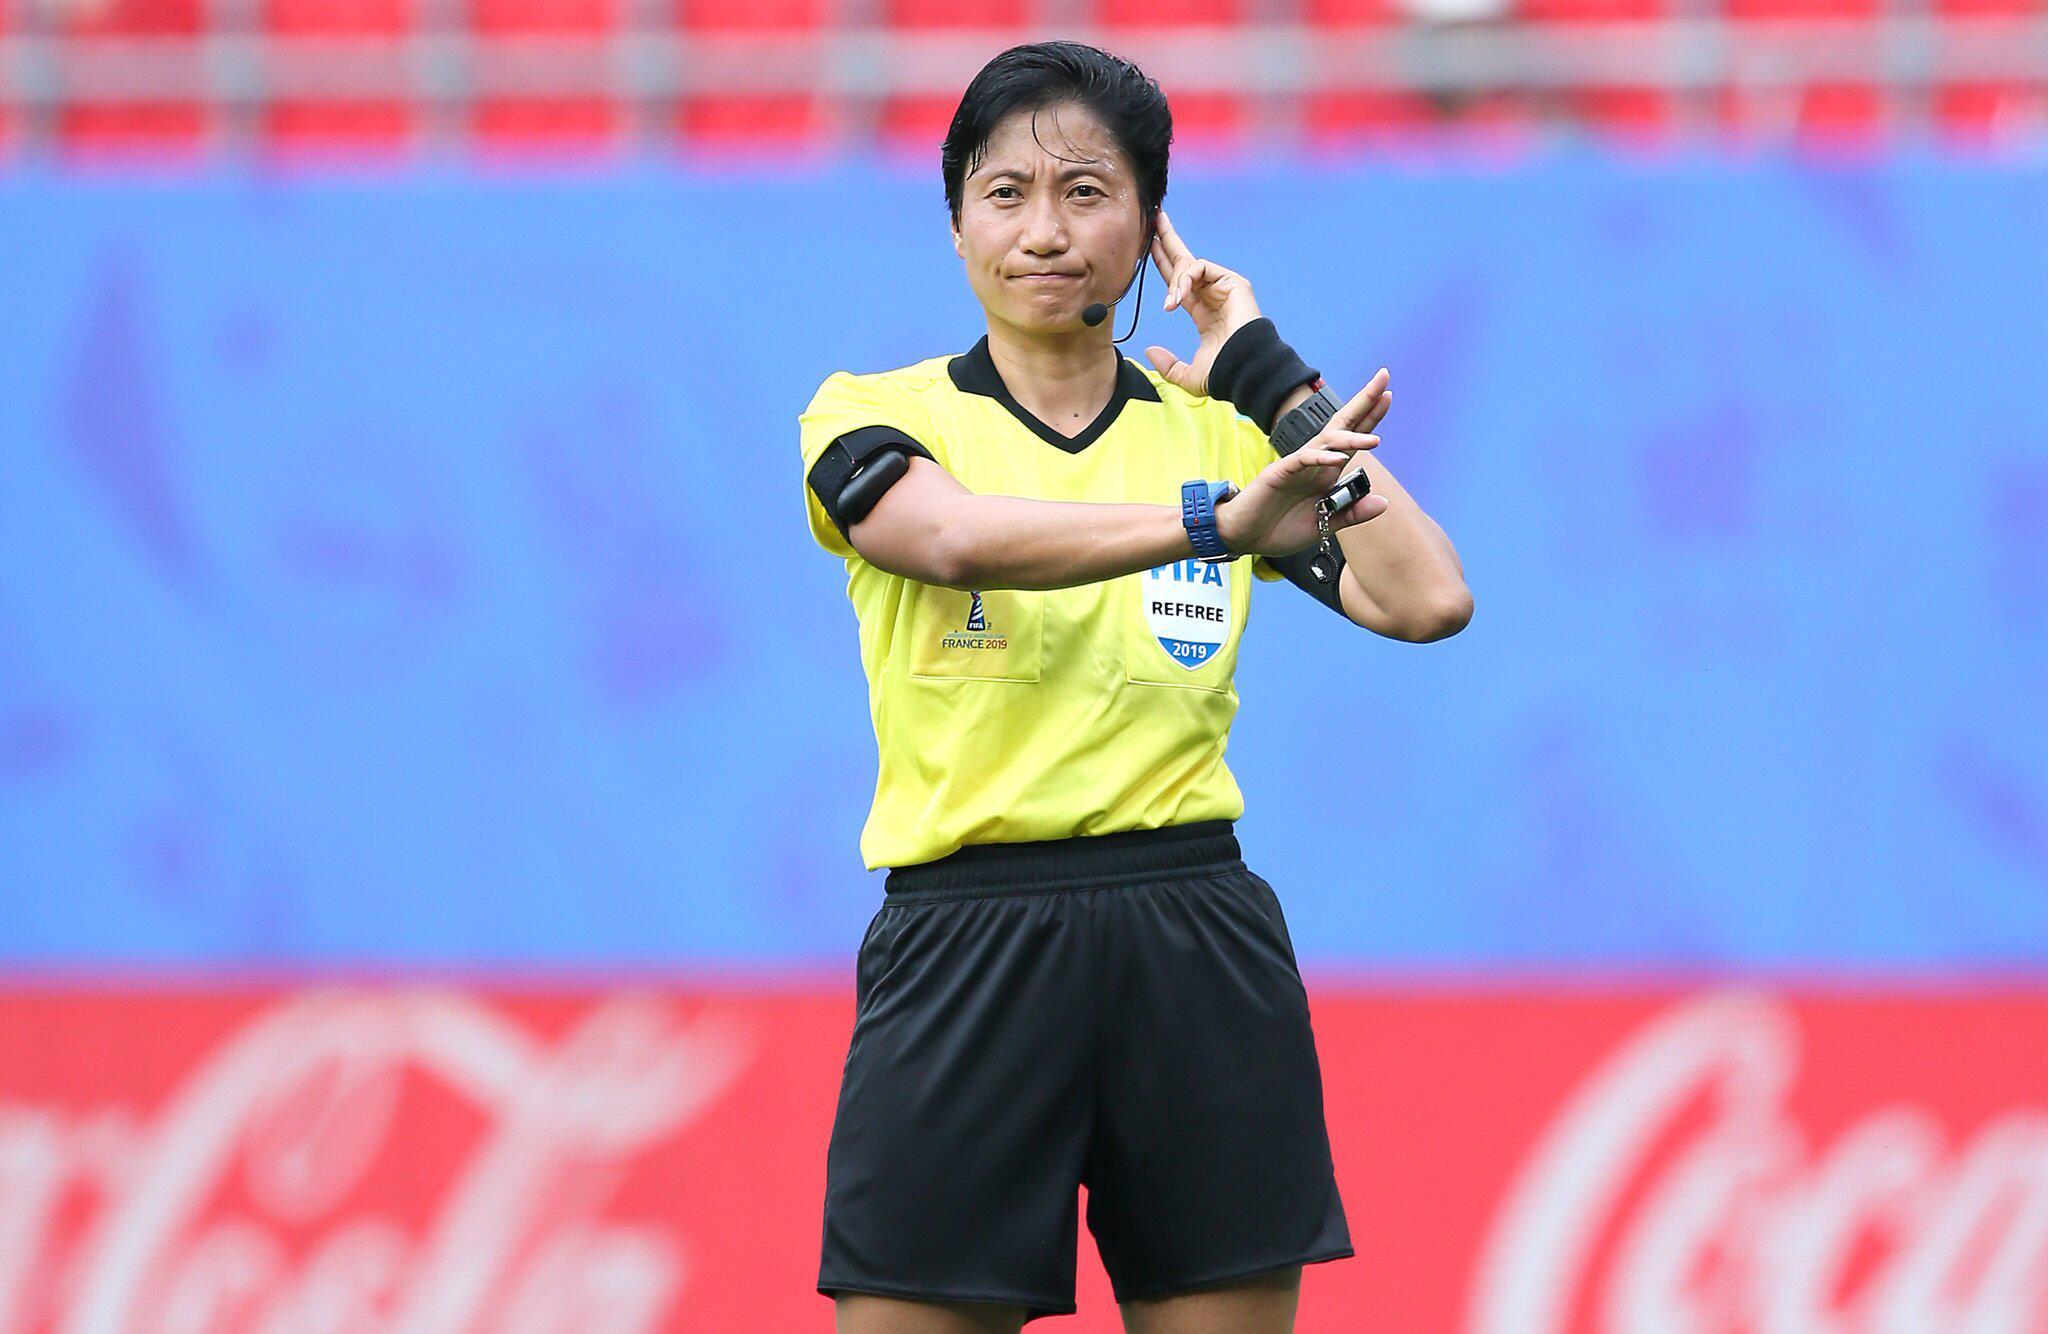 Bild zu Frauenfussball-WM, Frauen-WM 2019, Achtelfinale, Valencinnes, Frankreich, England, Kamerun, Liang Qin